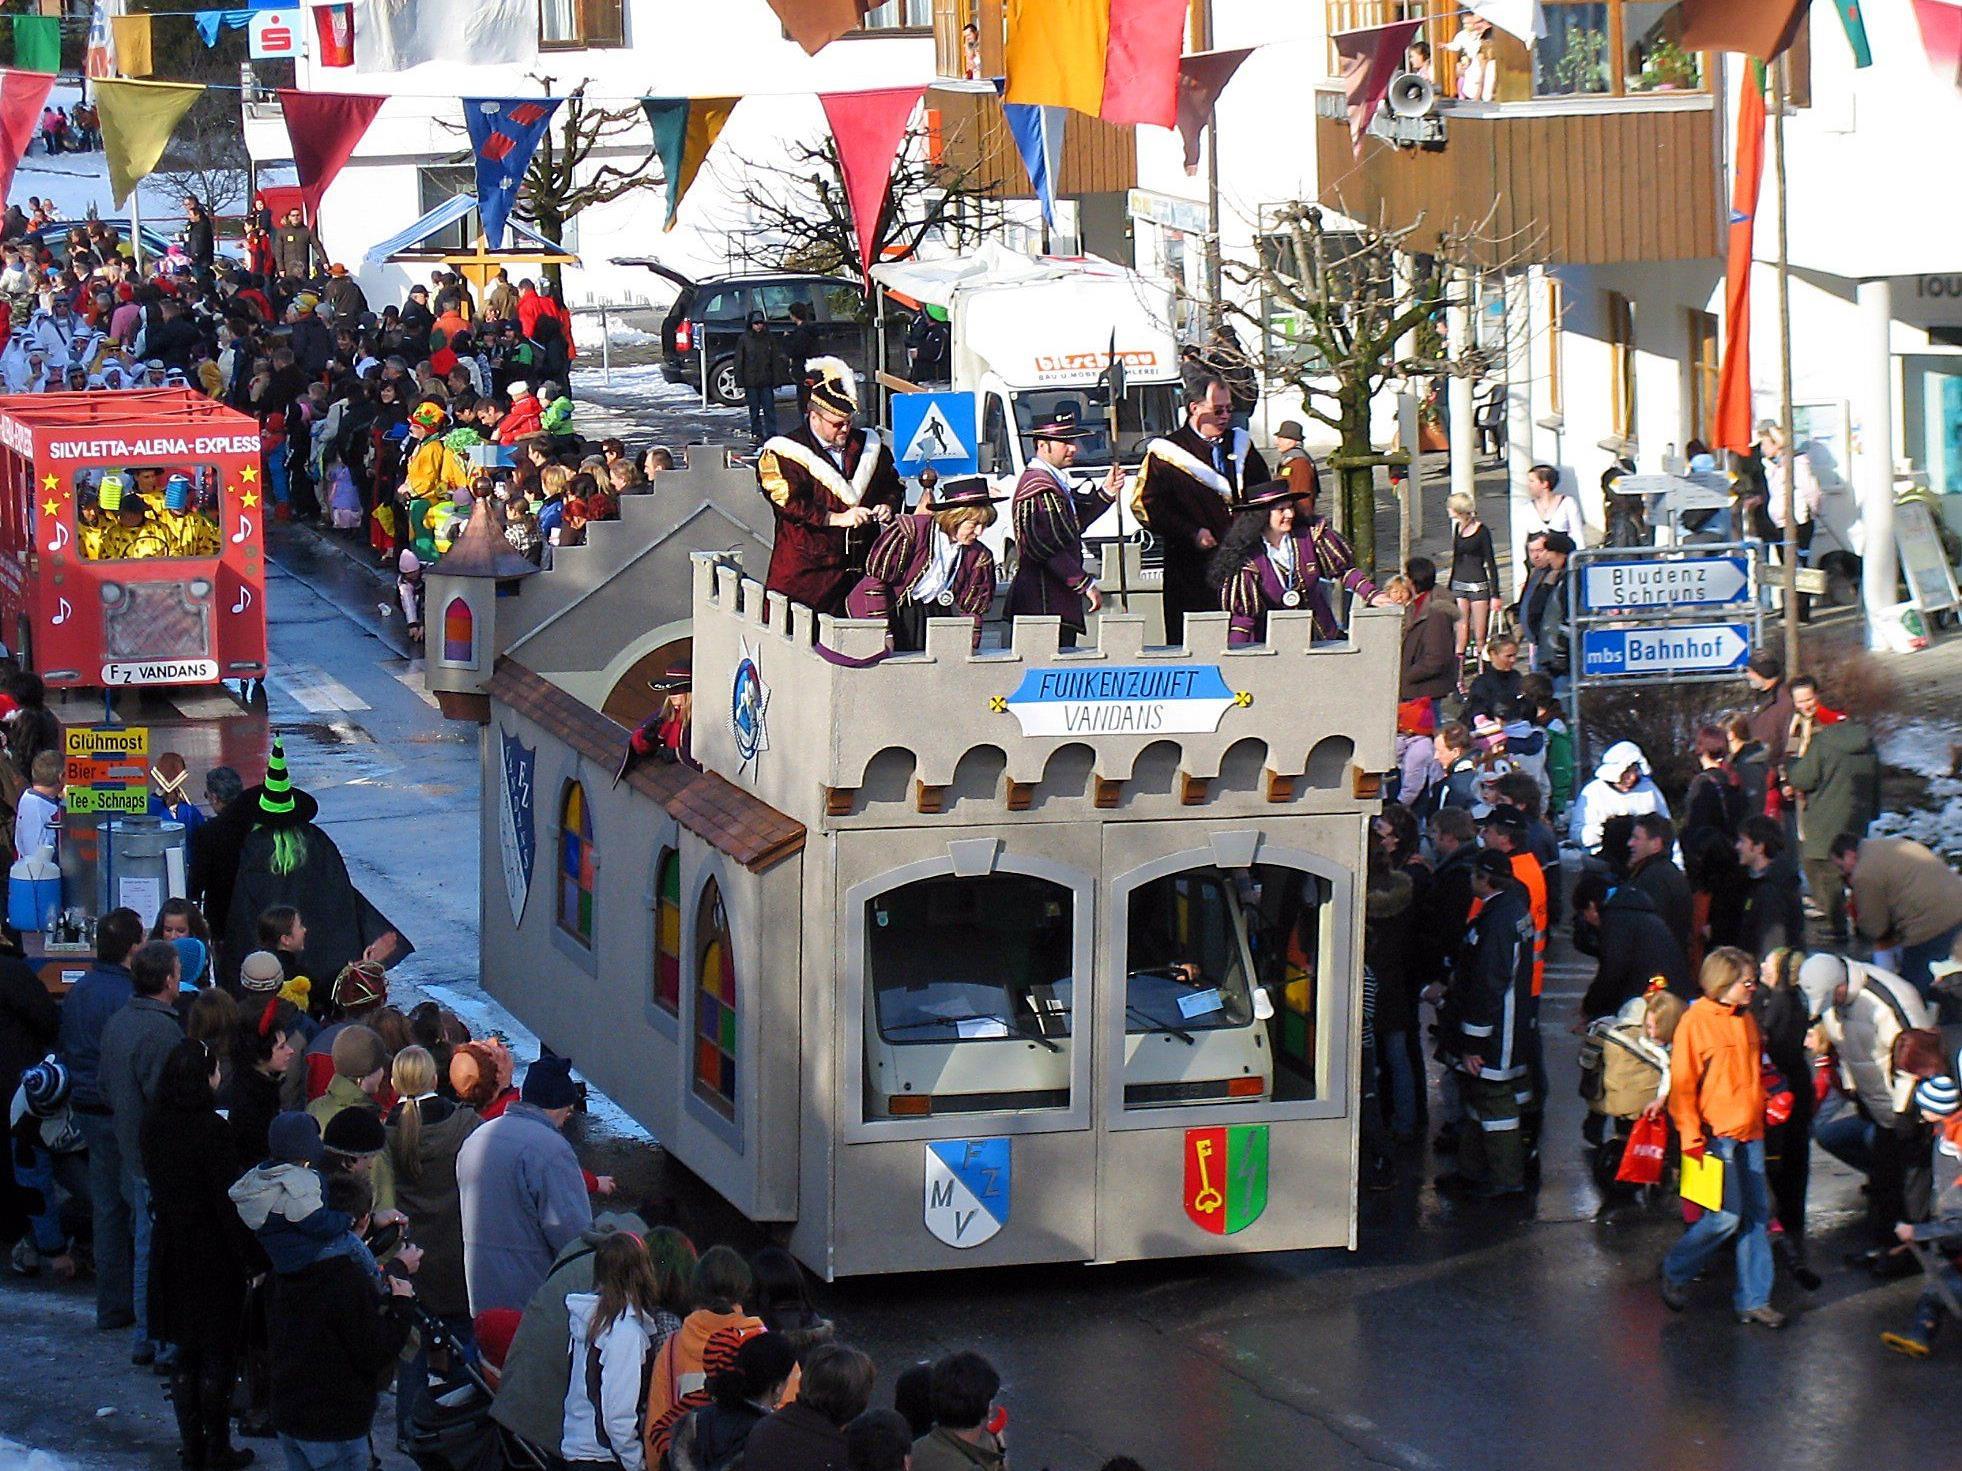 Ab 13 Uhr ist Aufstellung bei der Venser Gabelung (Val Castiel) und ab 14 Uhr bewegt sich der Umzug durchs Dorf.